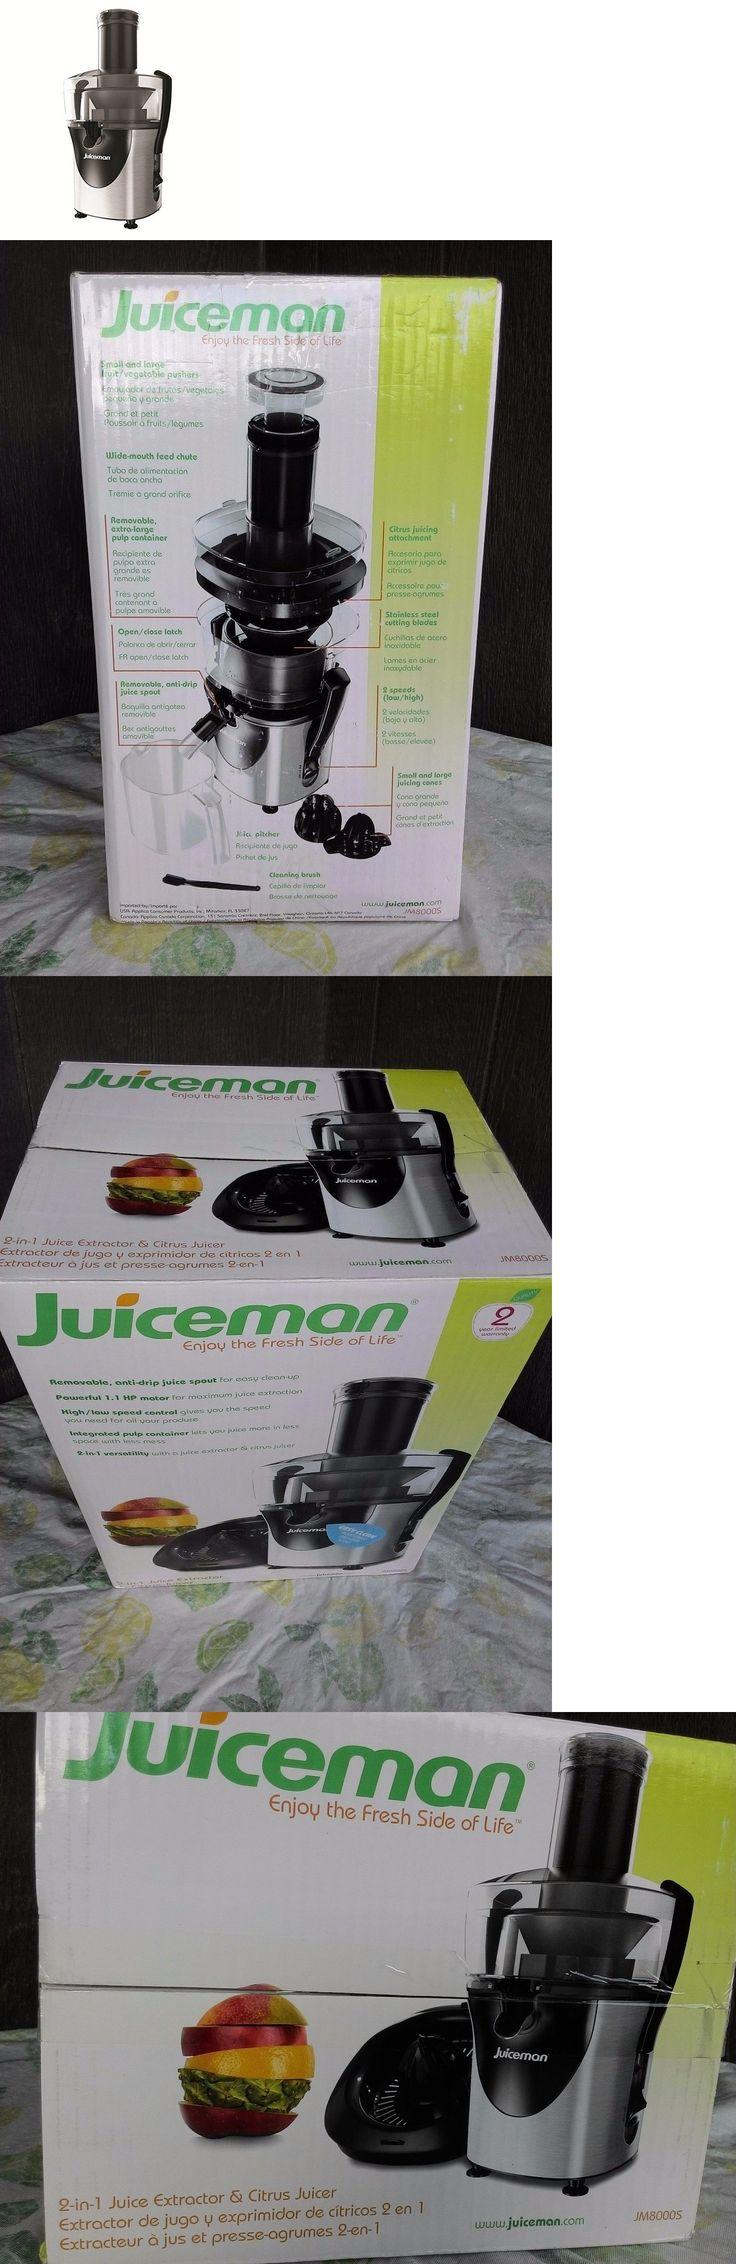 Juicers 20677: Juiceman 2 In 1 Juice Extractor Citrus Juicer Jm8000s -> BUY IT NOW ONLY: $79.98 on eBay!